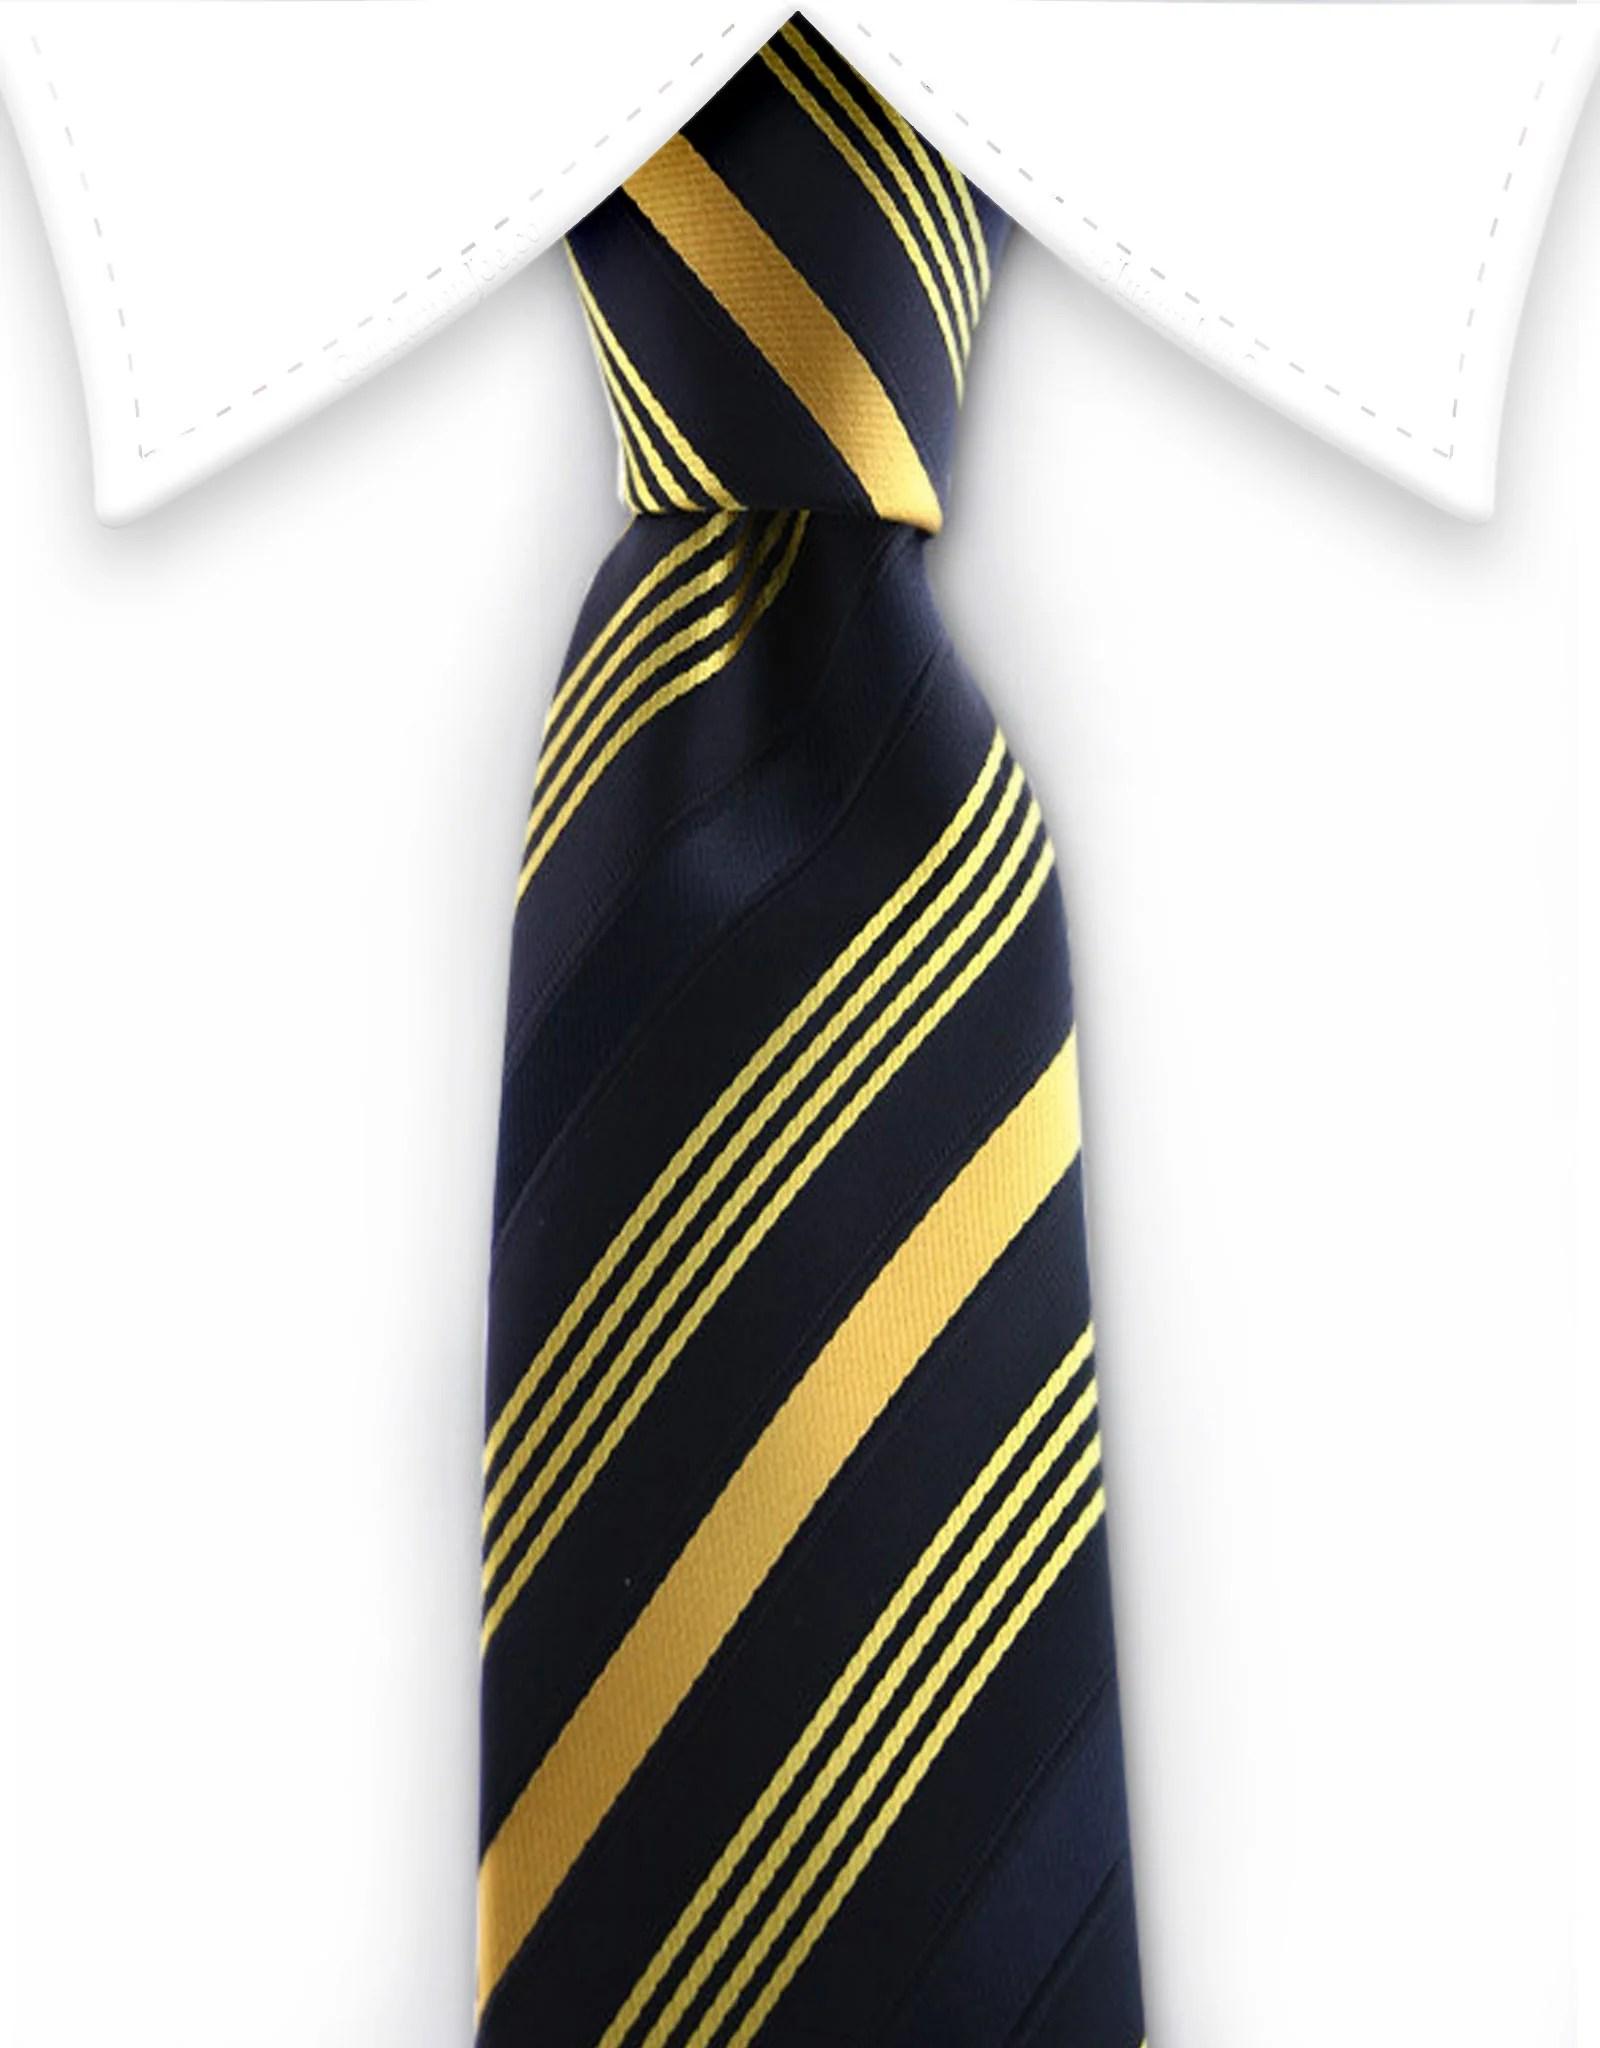 Black and Golden Yellow Striped Skinny Tie  GentlemanJoe